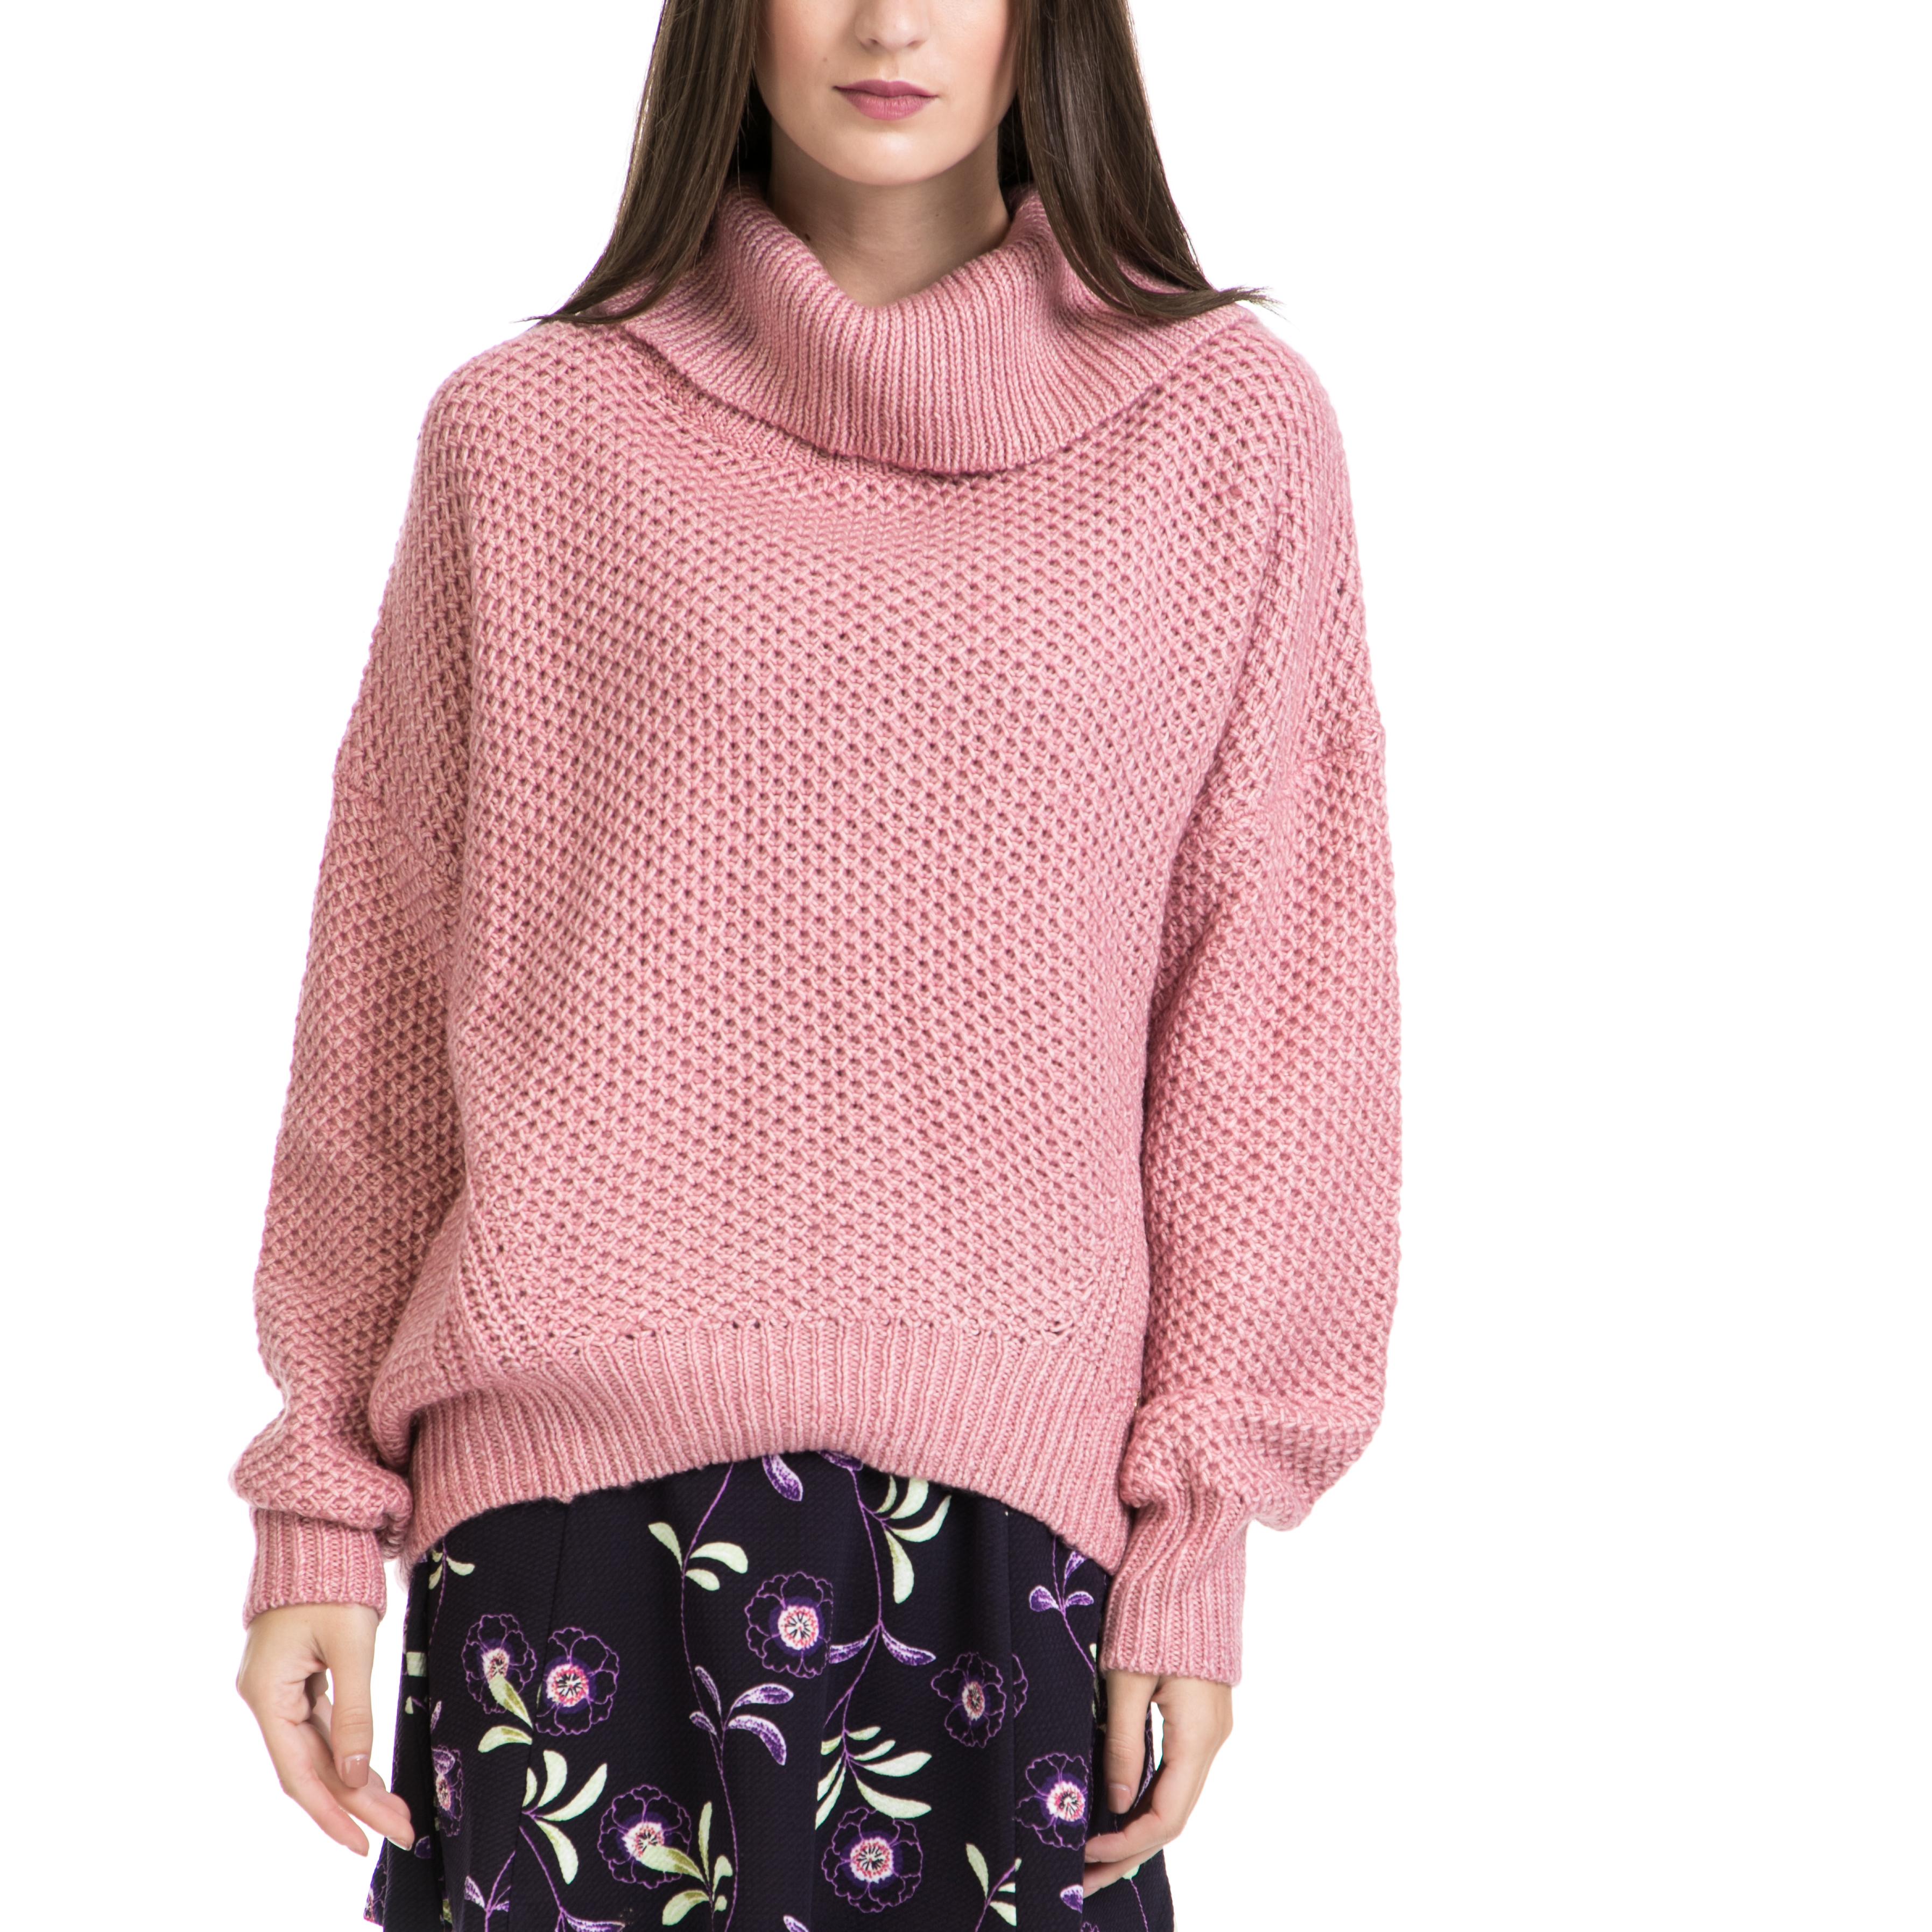 JUICY COUTURE - Γυναικείο πουλόβερ JUICY COUTURE ροζ γυναικεία ρούχα πλεκτά ζακέτες πουλόβερ